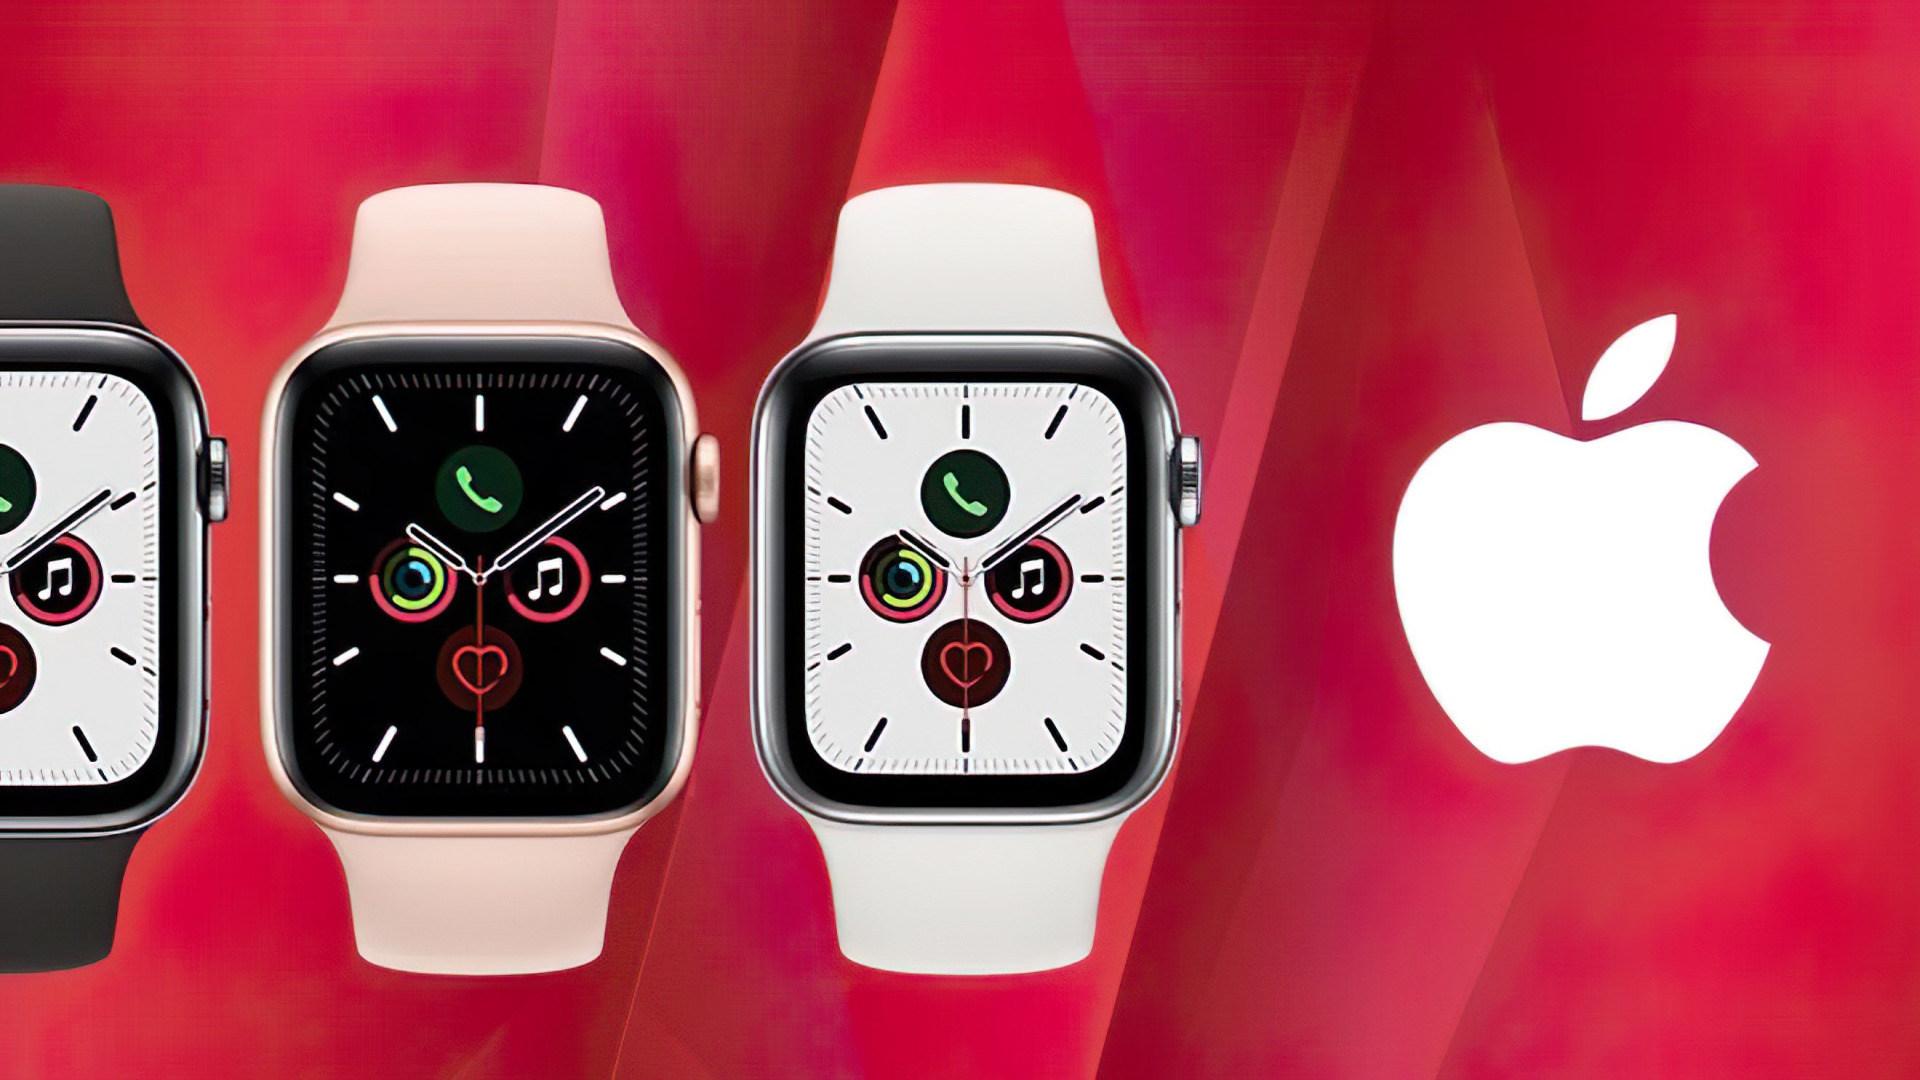 Apple, Logo, smartwatch, Wearables, Apple Watch, iWatch, Apple iWatch, Apple Smartwatch, Apple Watch Series 4, Apple Watch Series 5, Apple Watch 5, Apple Watch 4